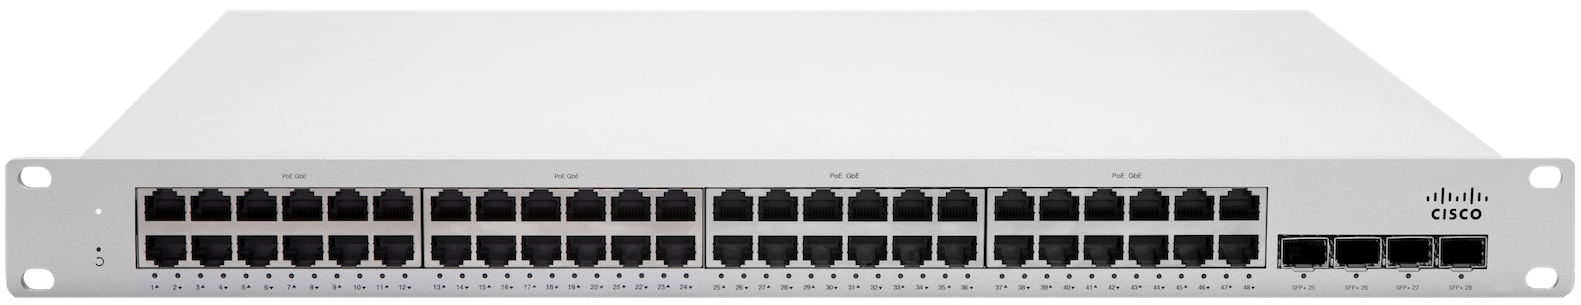 Cisco MS225-48 交換器